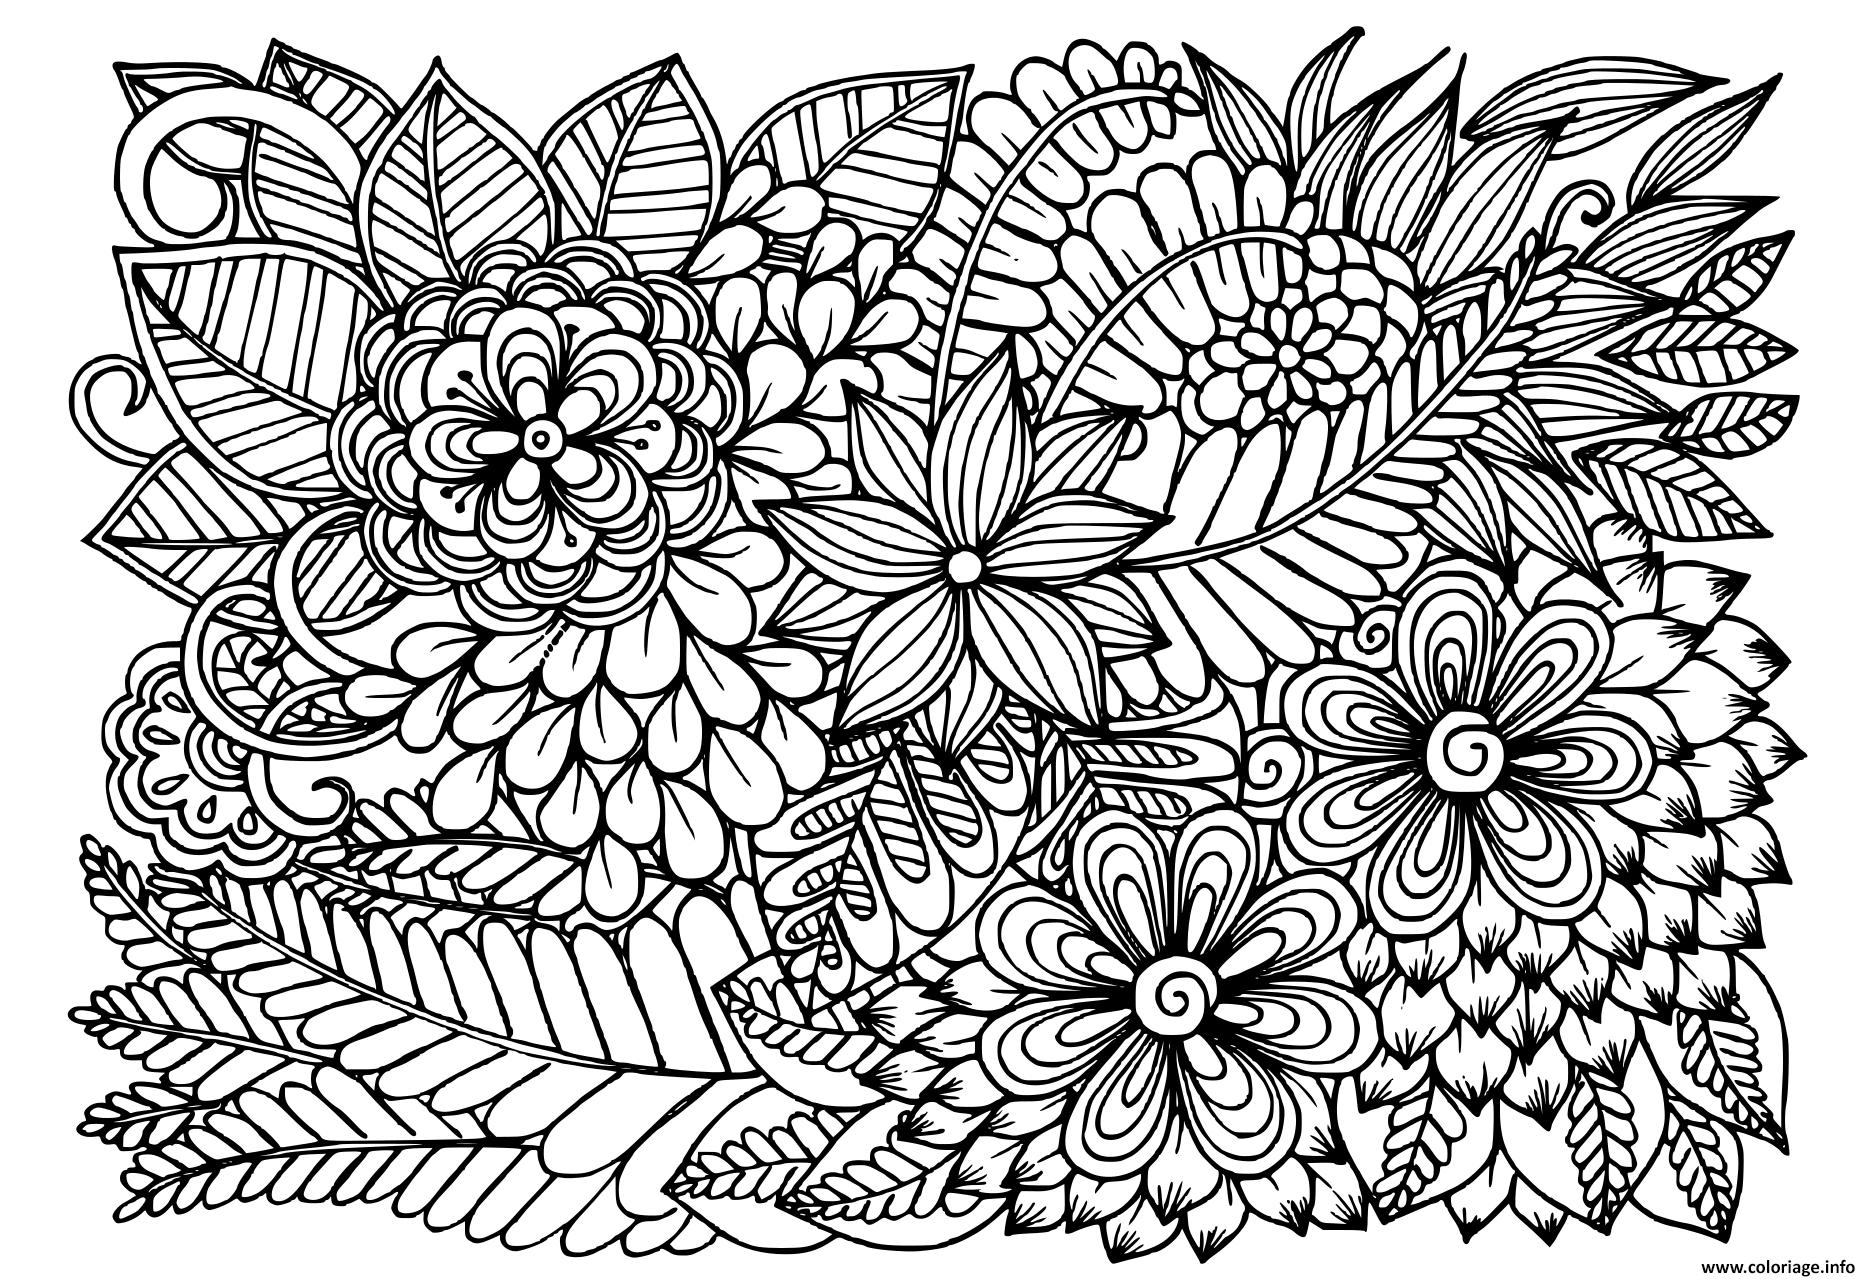 Coloriage Doodle Fleurs En Noir Et Blanc Motif Floral